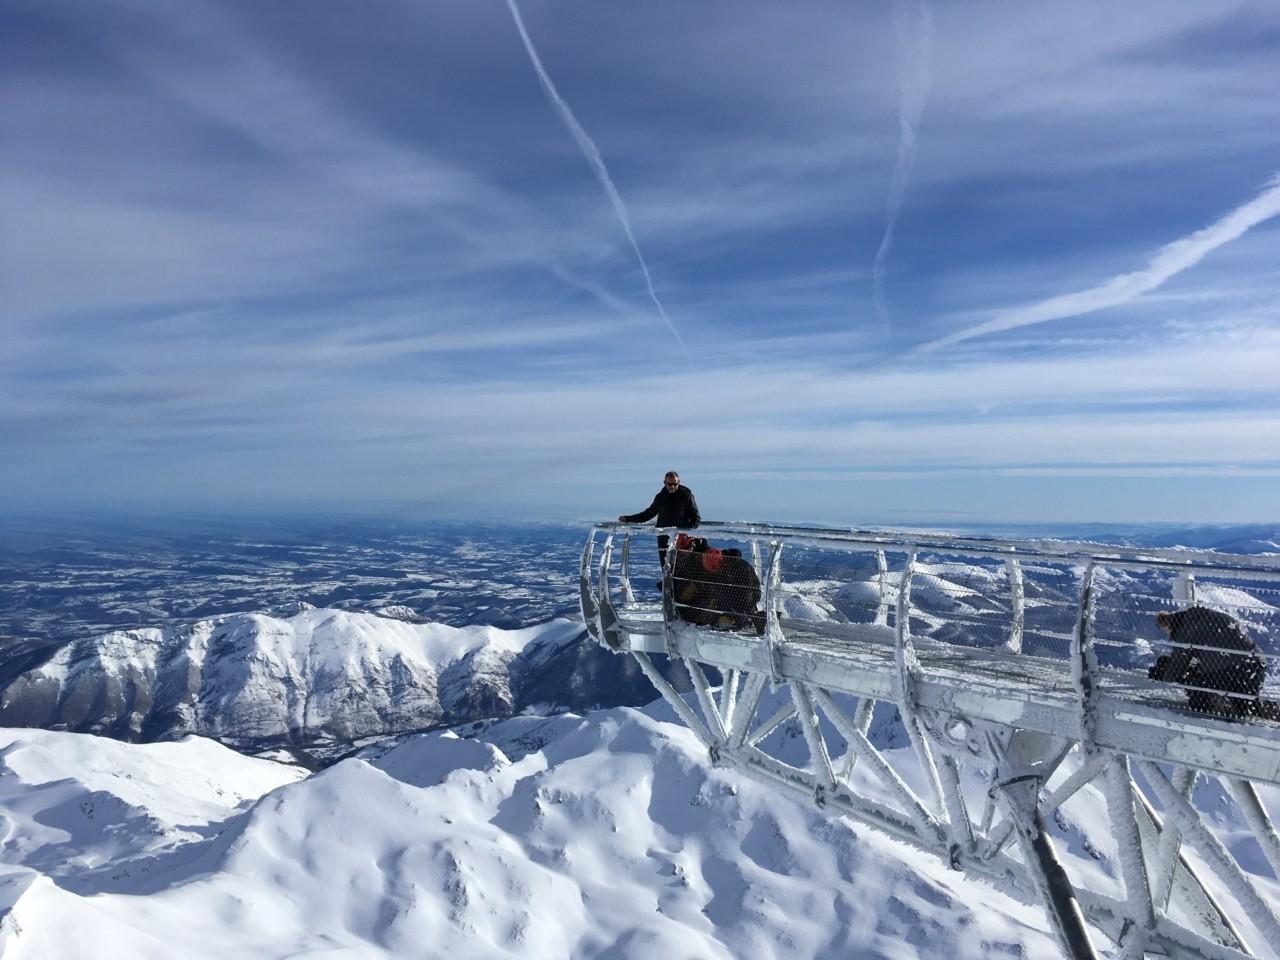 Le pic du Midi offre un point de vue remarquable